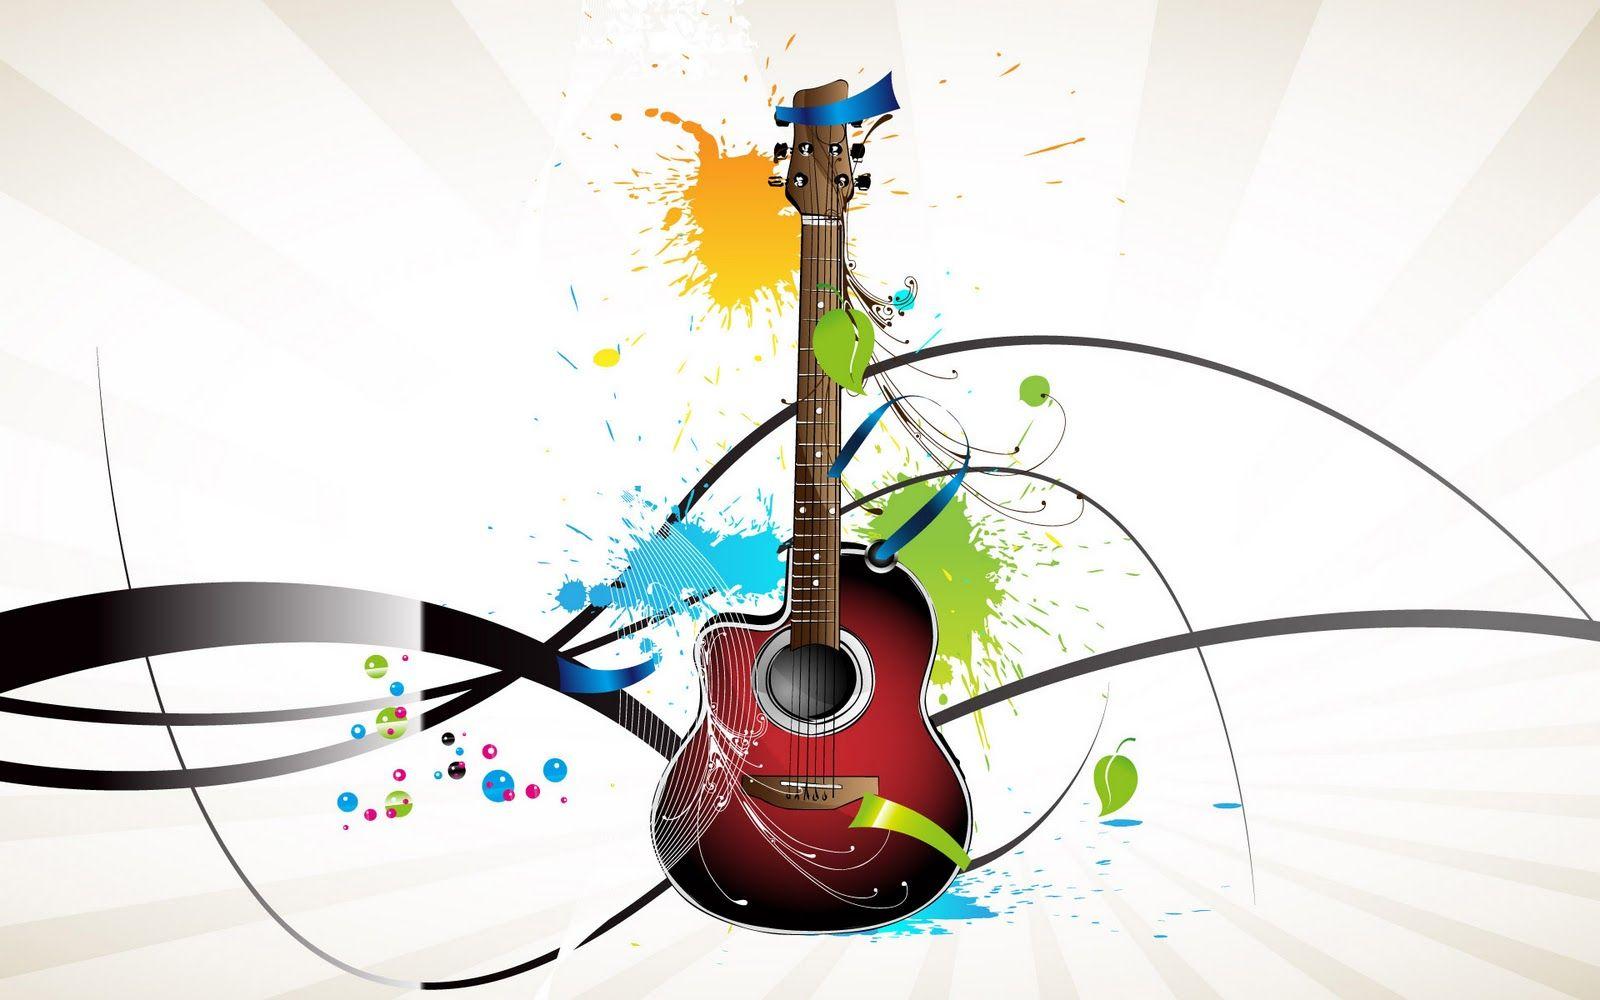 Abstract 3d Guitar Art Wallpaper Music Wallpaper Band Wallpapers Music Instruments